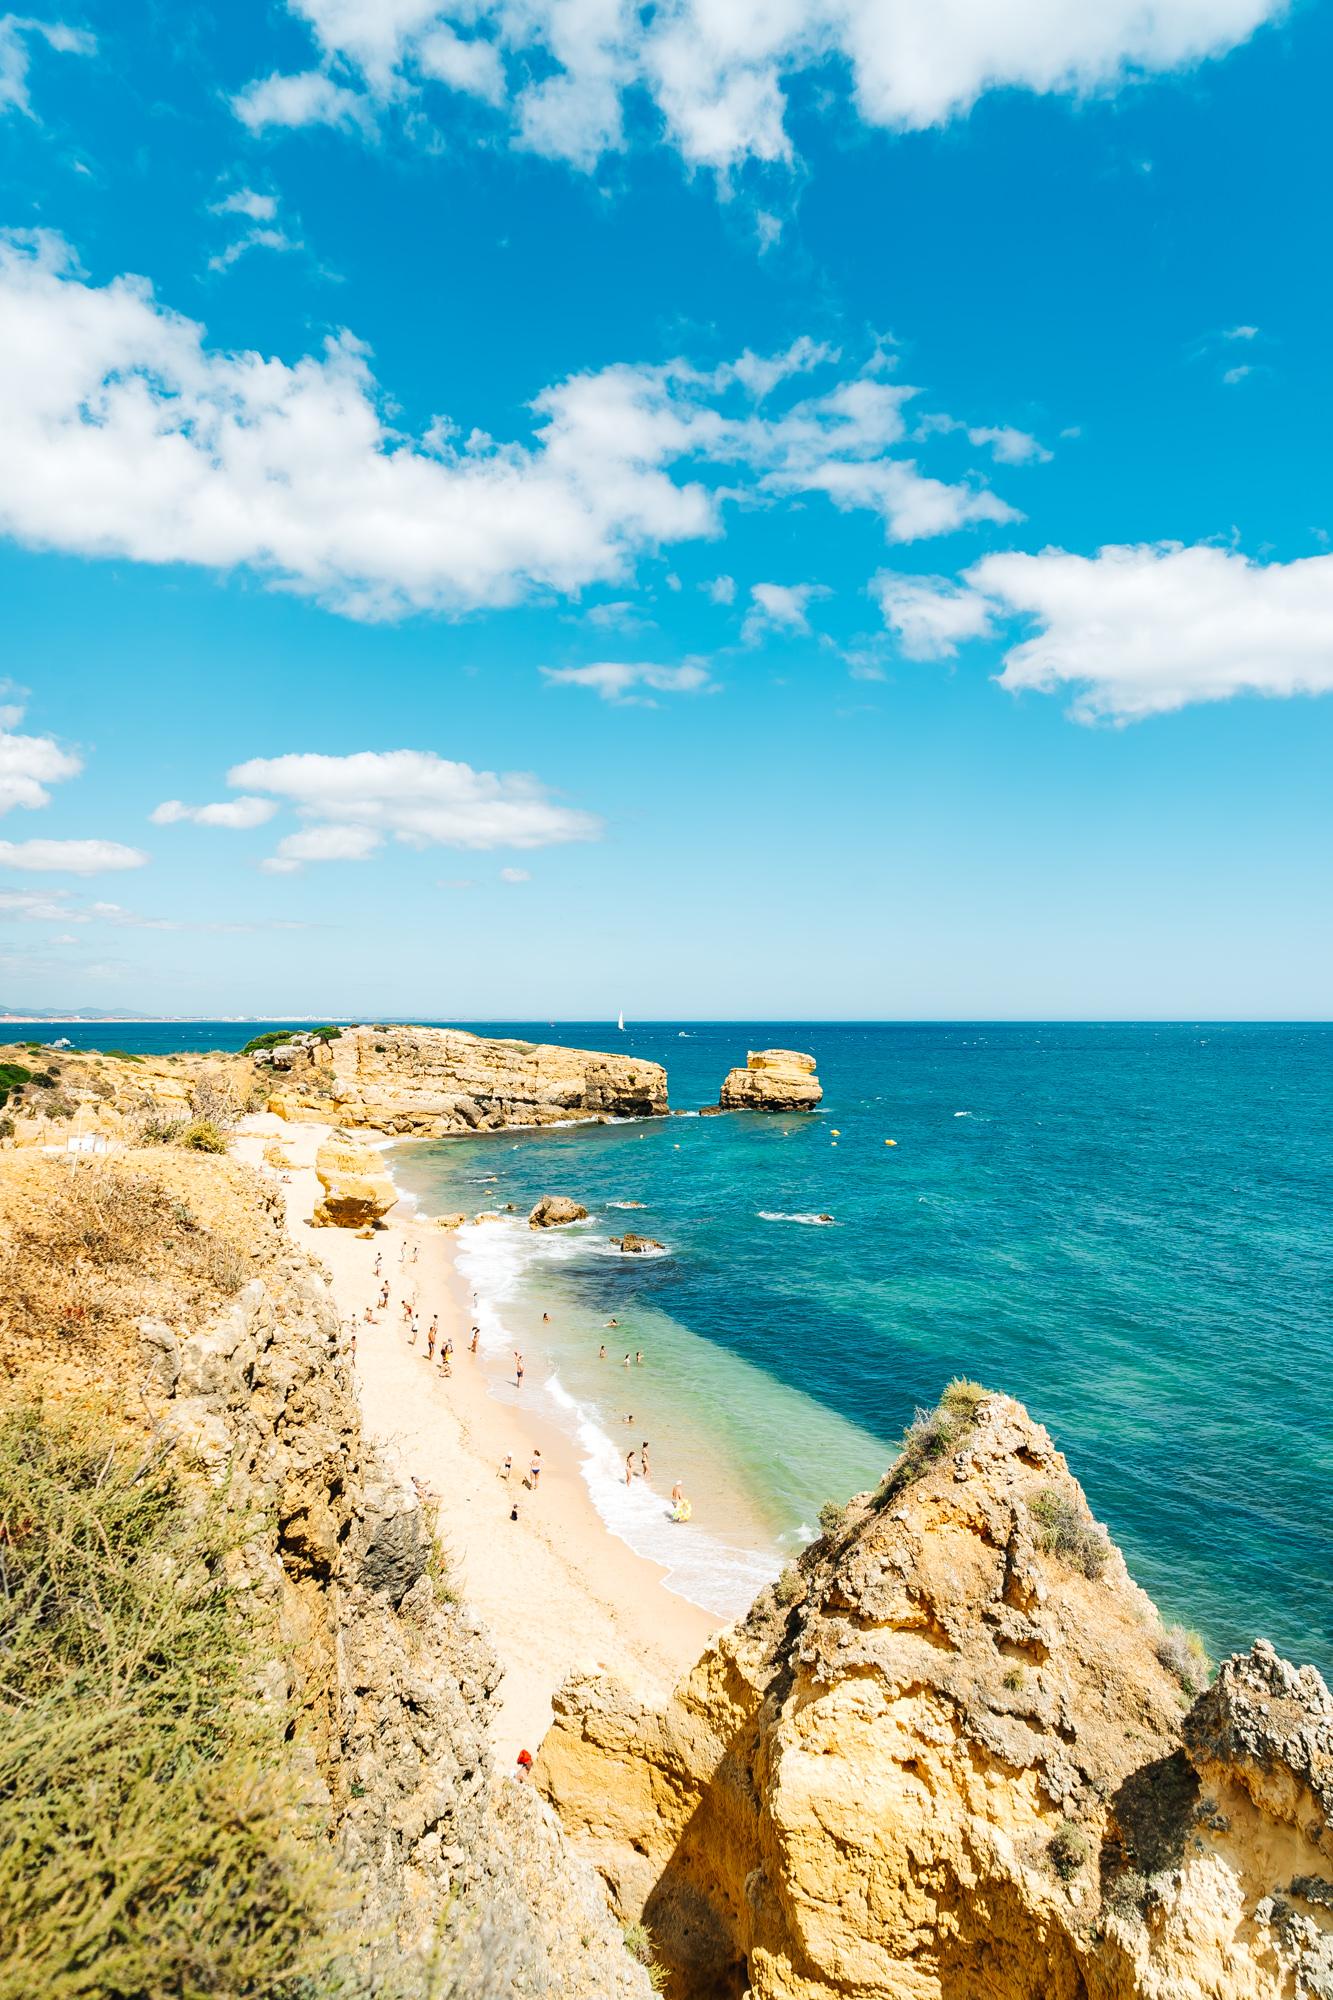 Surreal views at Sao Rafael Beach